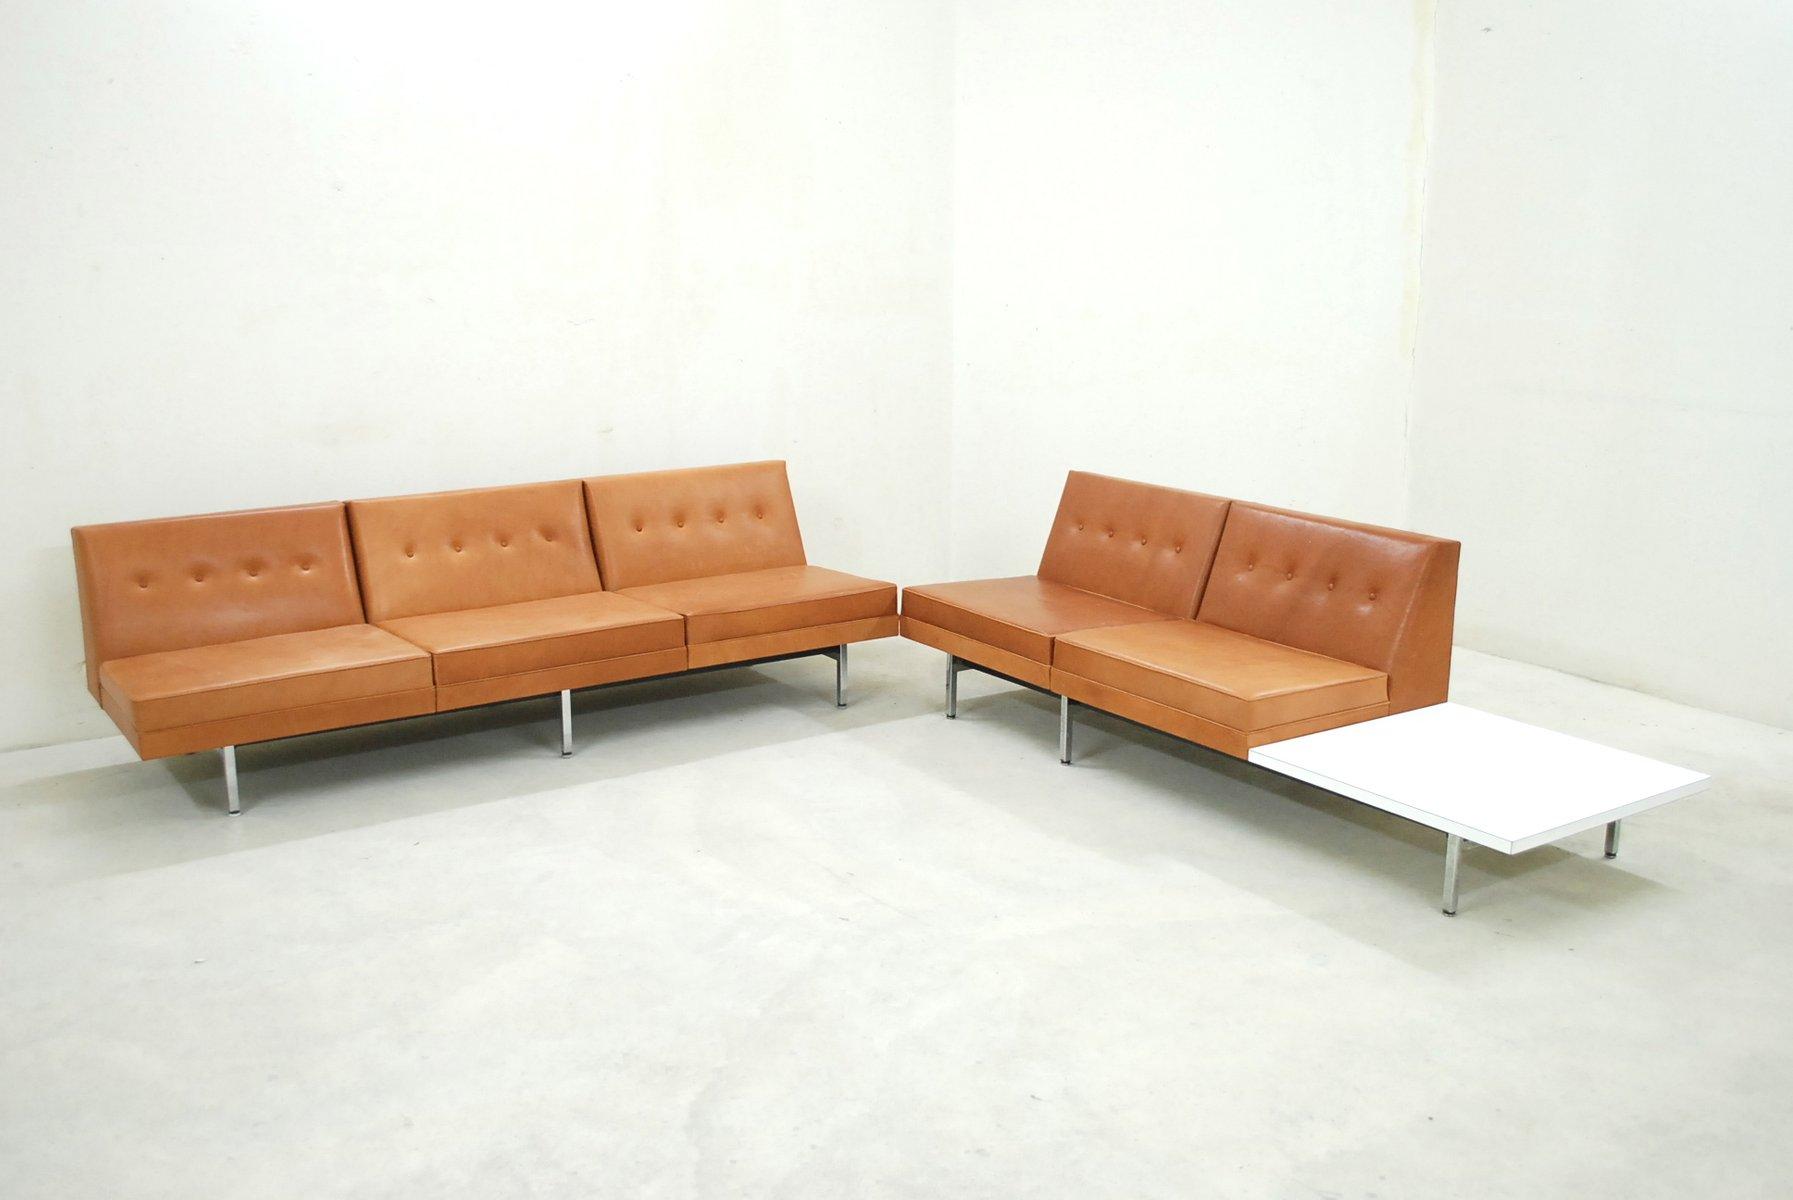 Juego de sofás modulares de cuero coñac de George Nelson para Herman ...